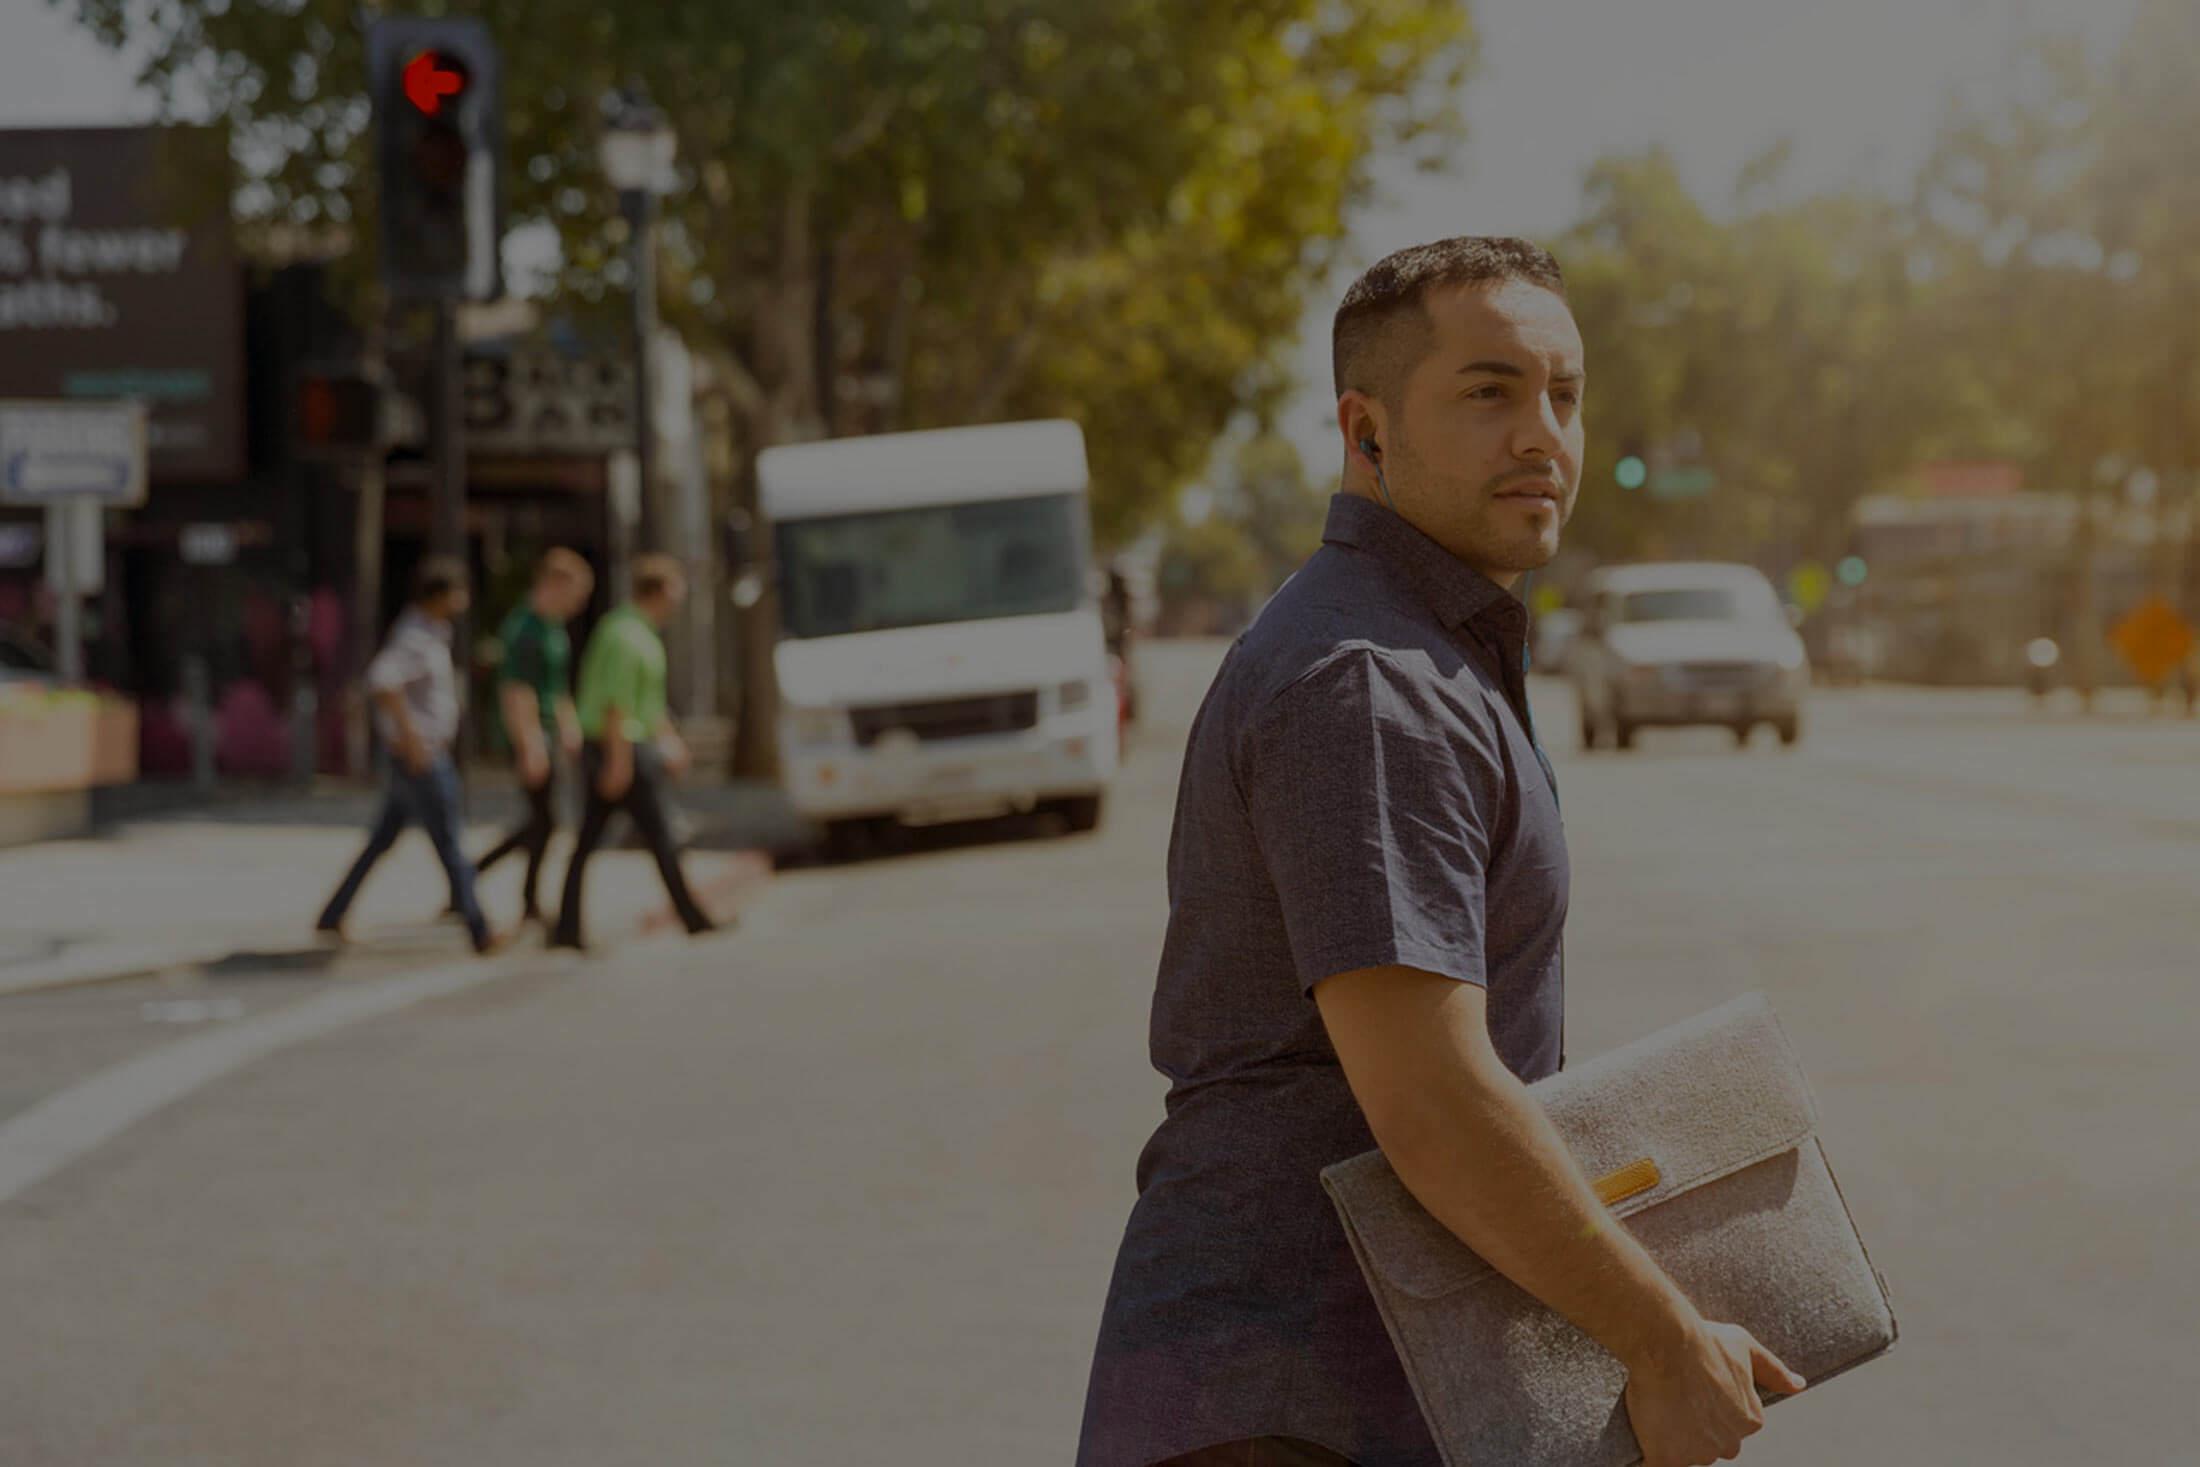 Pole emploi - offre emploi Téléconseiller expatrié à lisbonne (H/F) - Lisbonne